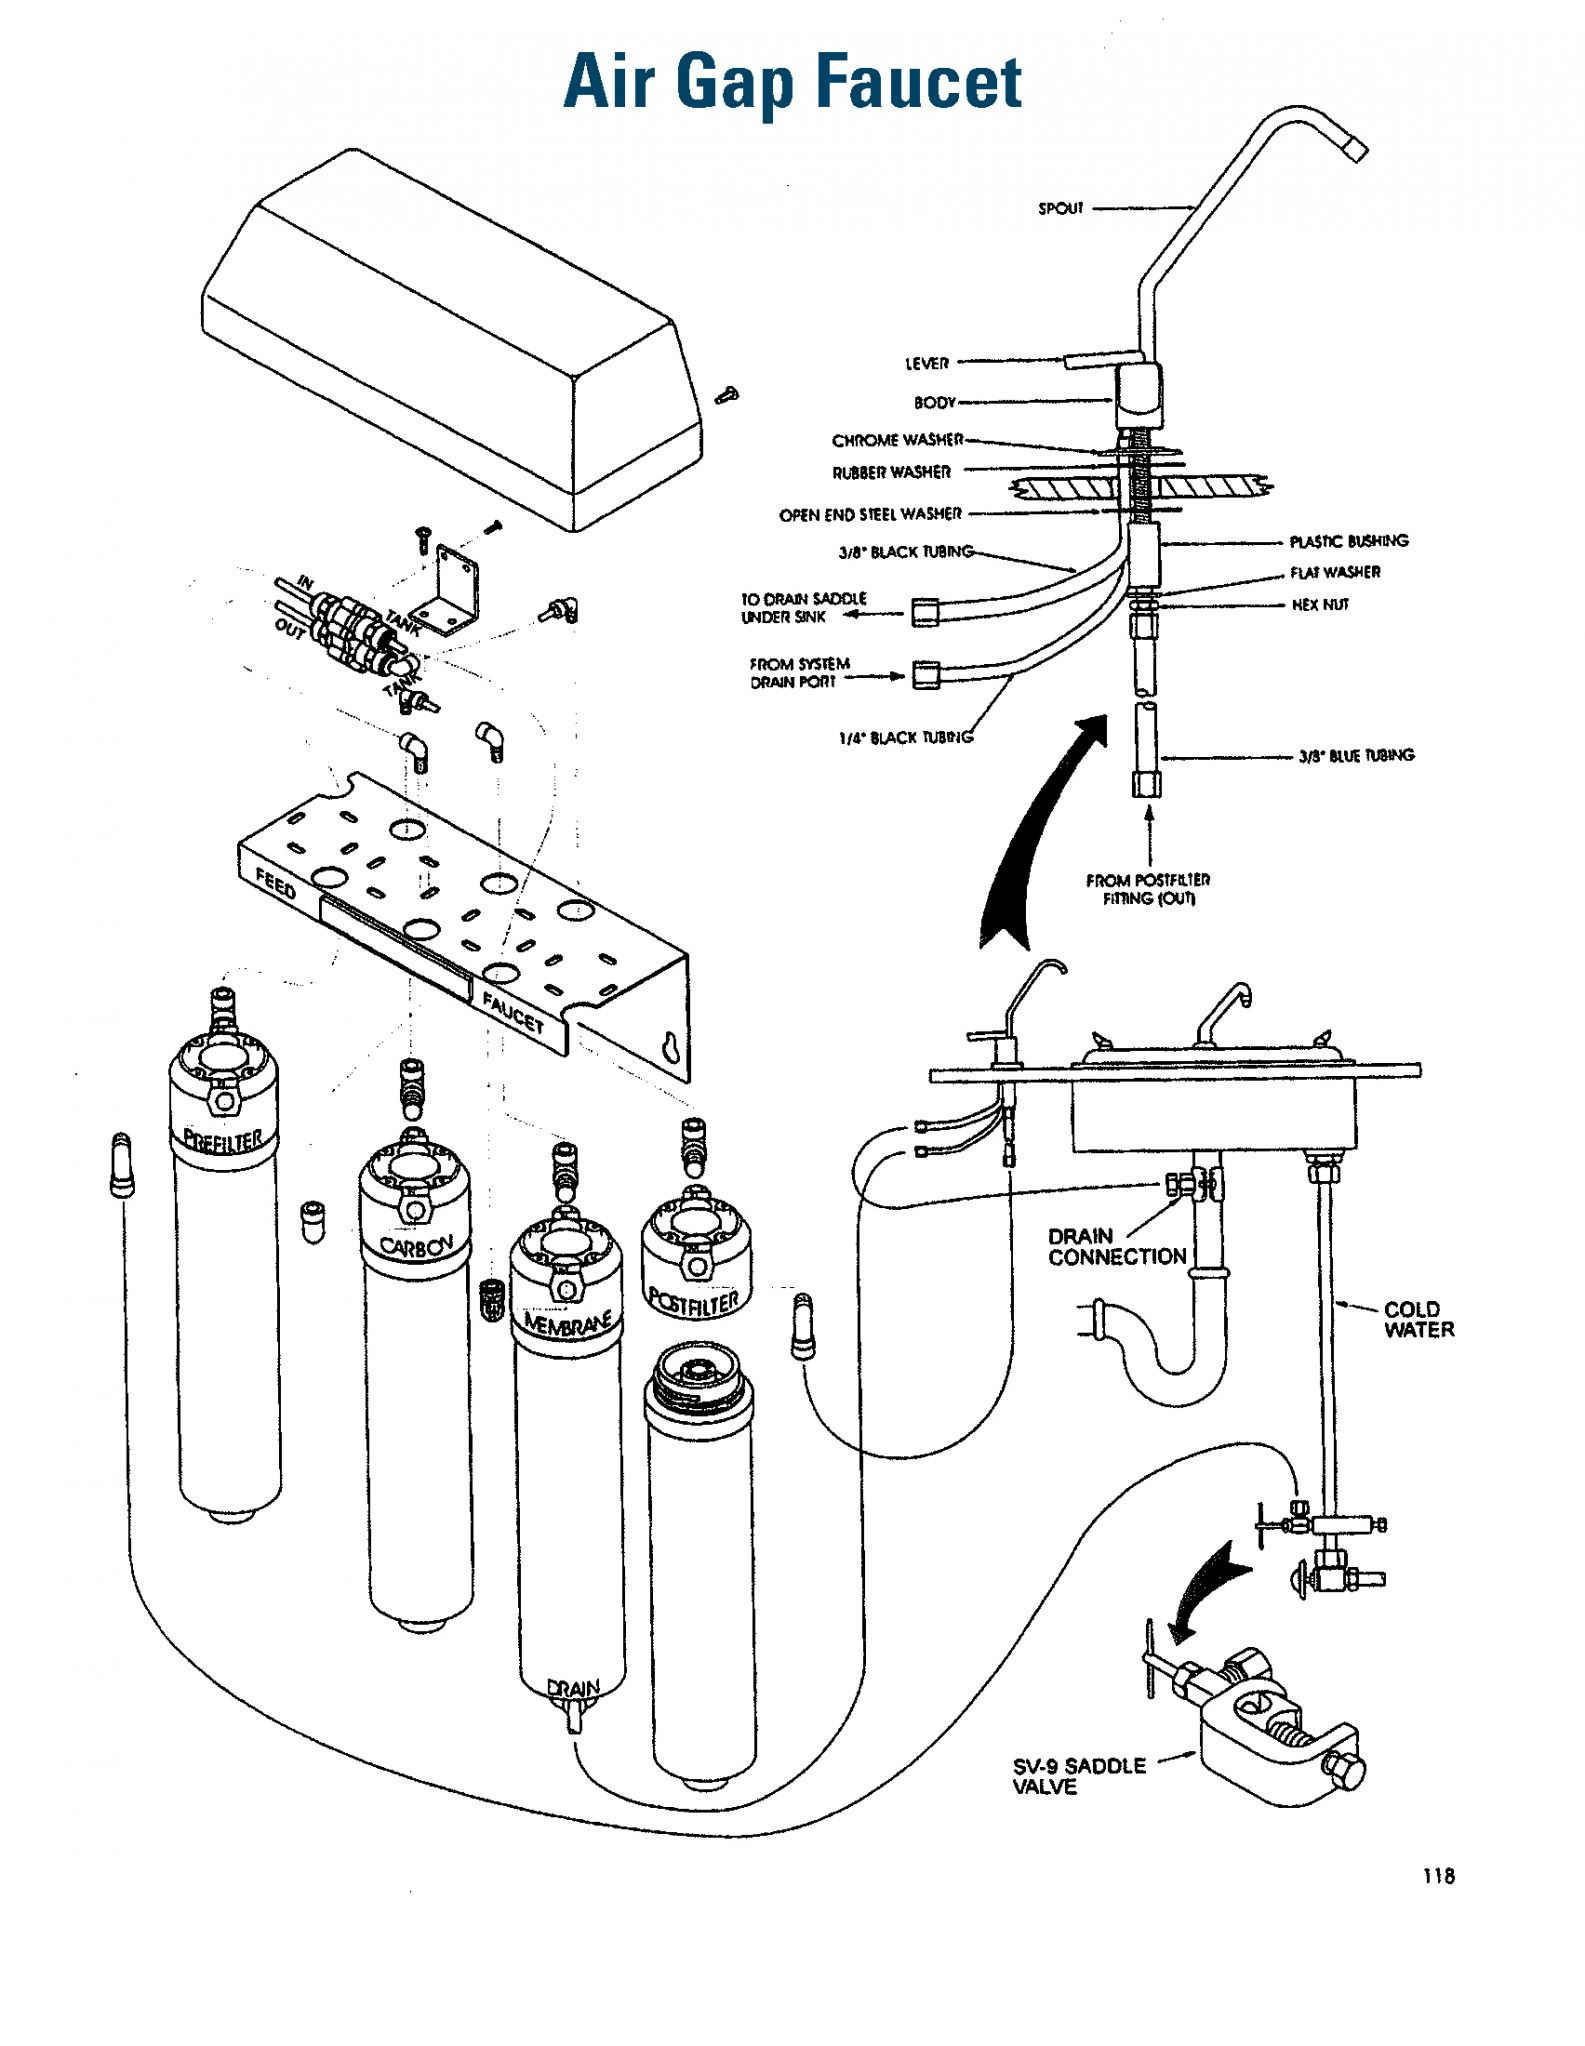 1585x2046 Air Gap Faucet Diagram ( Air Gap Faucet For Reverse Osmosis System